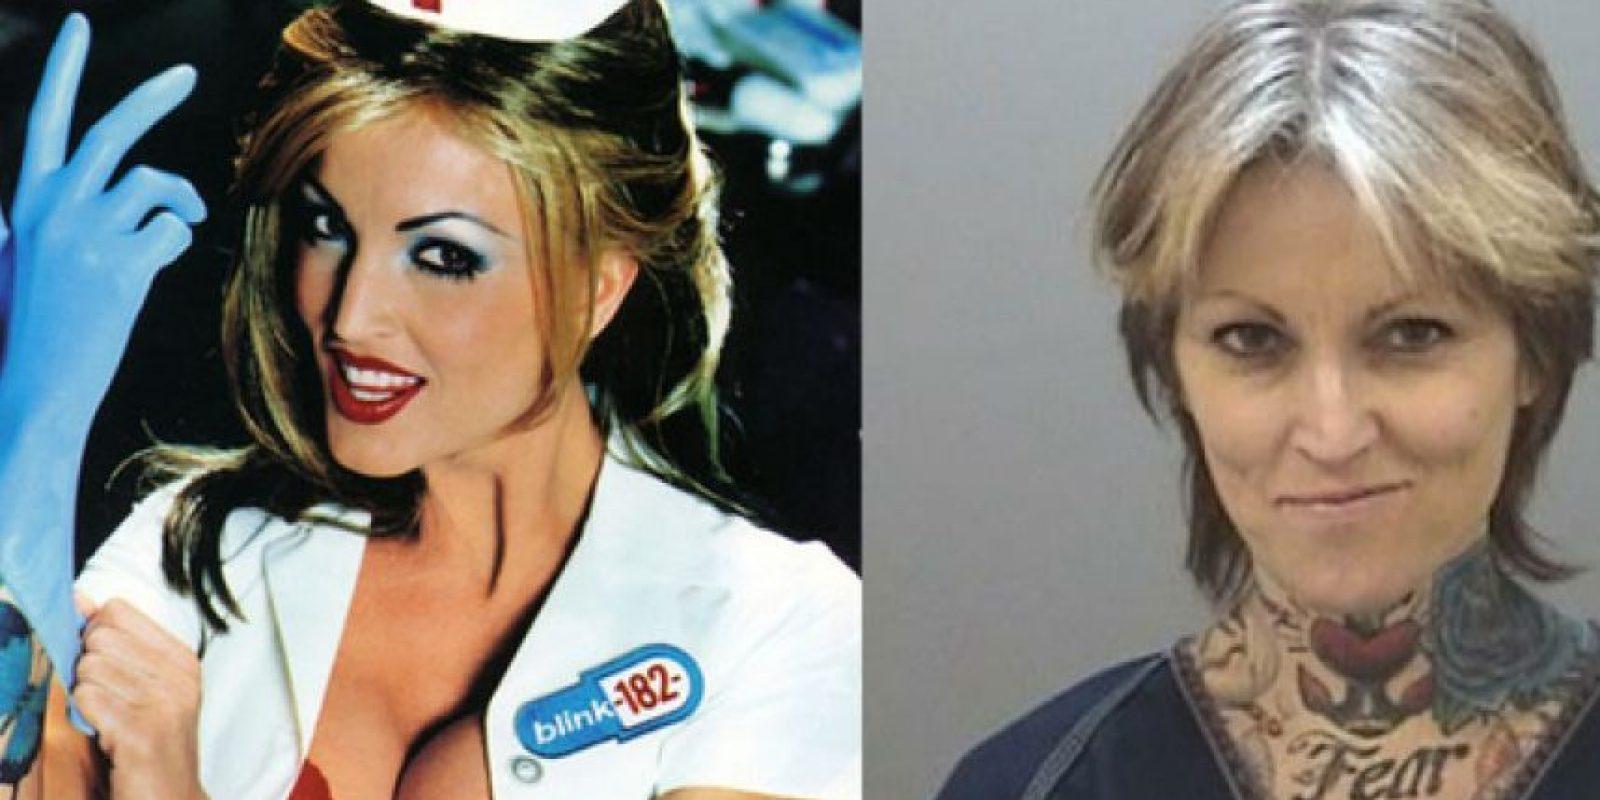 Esta es la enfermera del disco de Blink 182 Foto:Buzzfeed